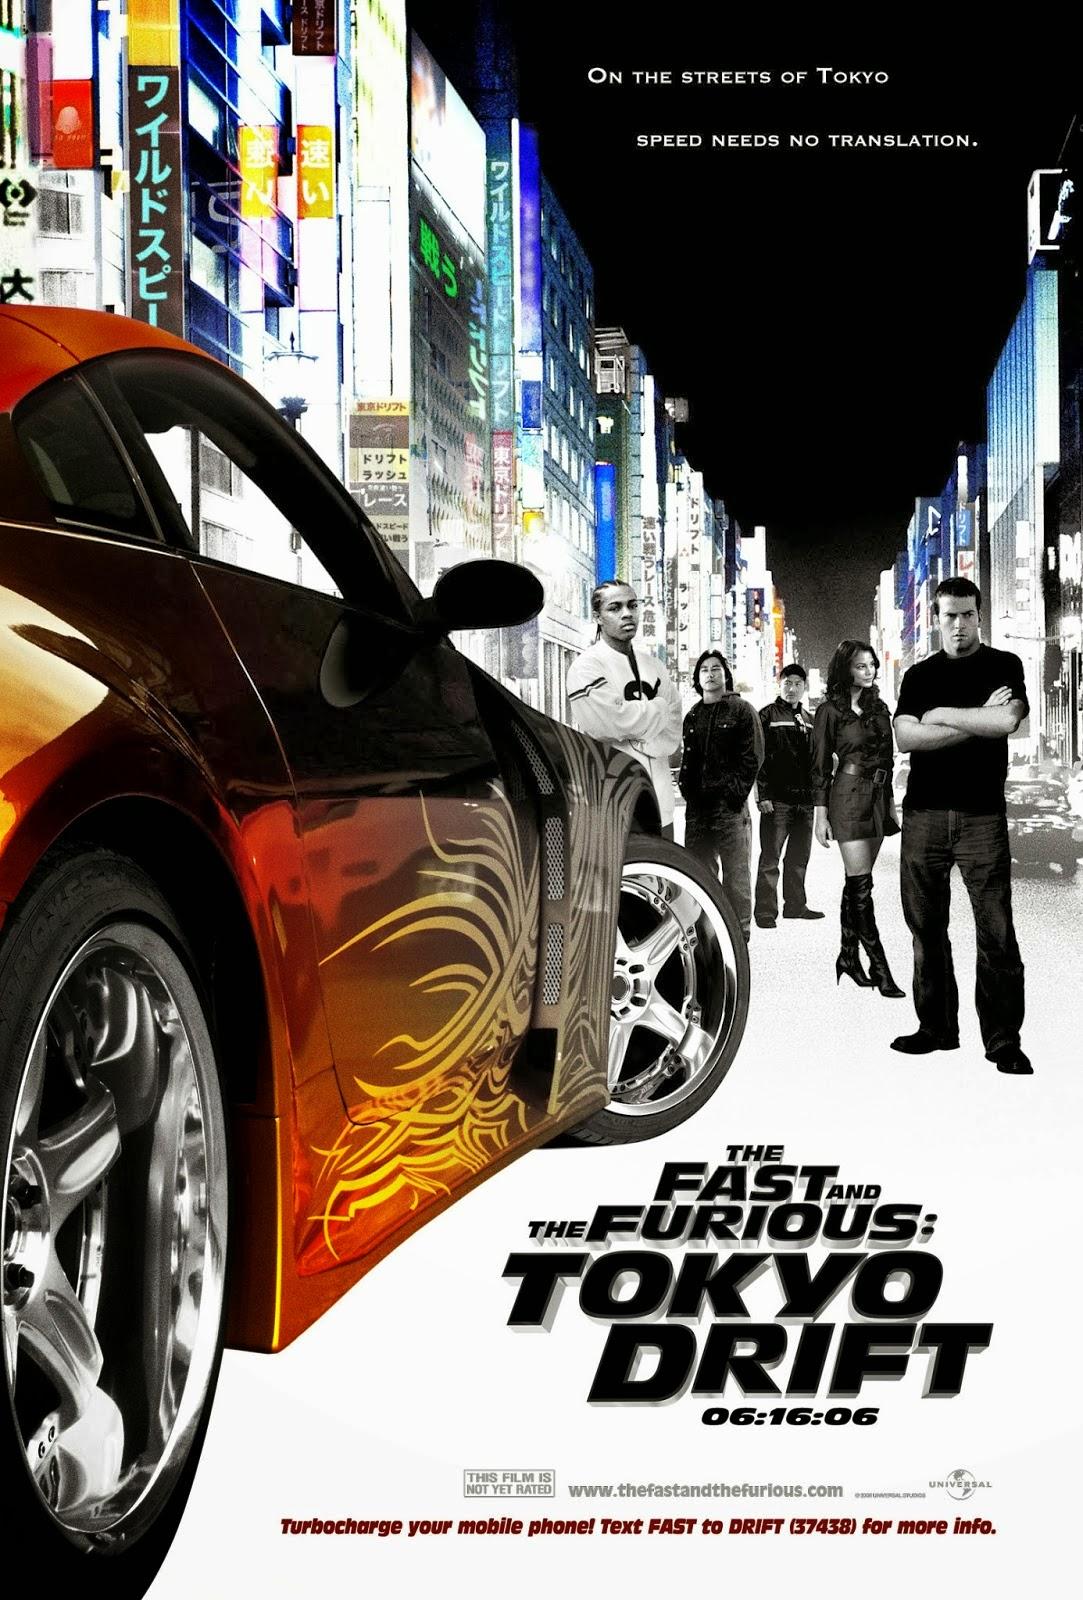 ดูหนังออนไลน์ เรื่อง : The Fast and the Furious: Tokyo Drift (2006) เร็วแรงทะลุนรก ซิ่งแหกพิกัดโตเกียว 3 [HD]